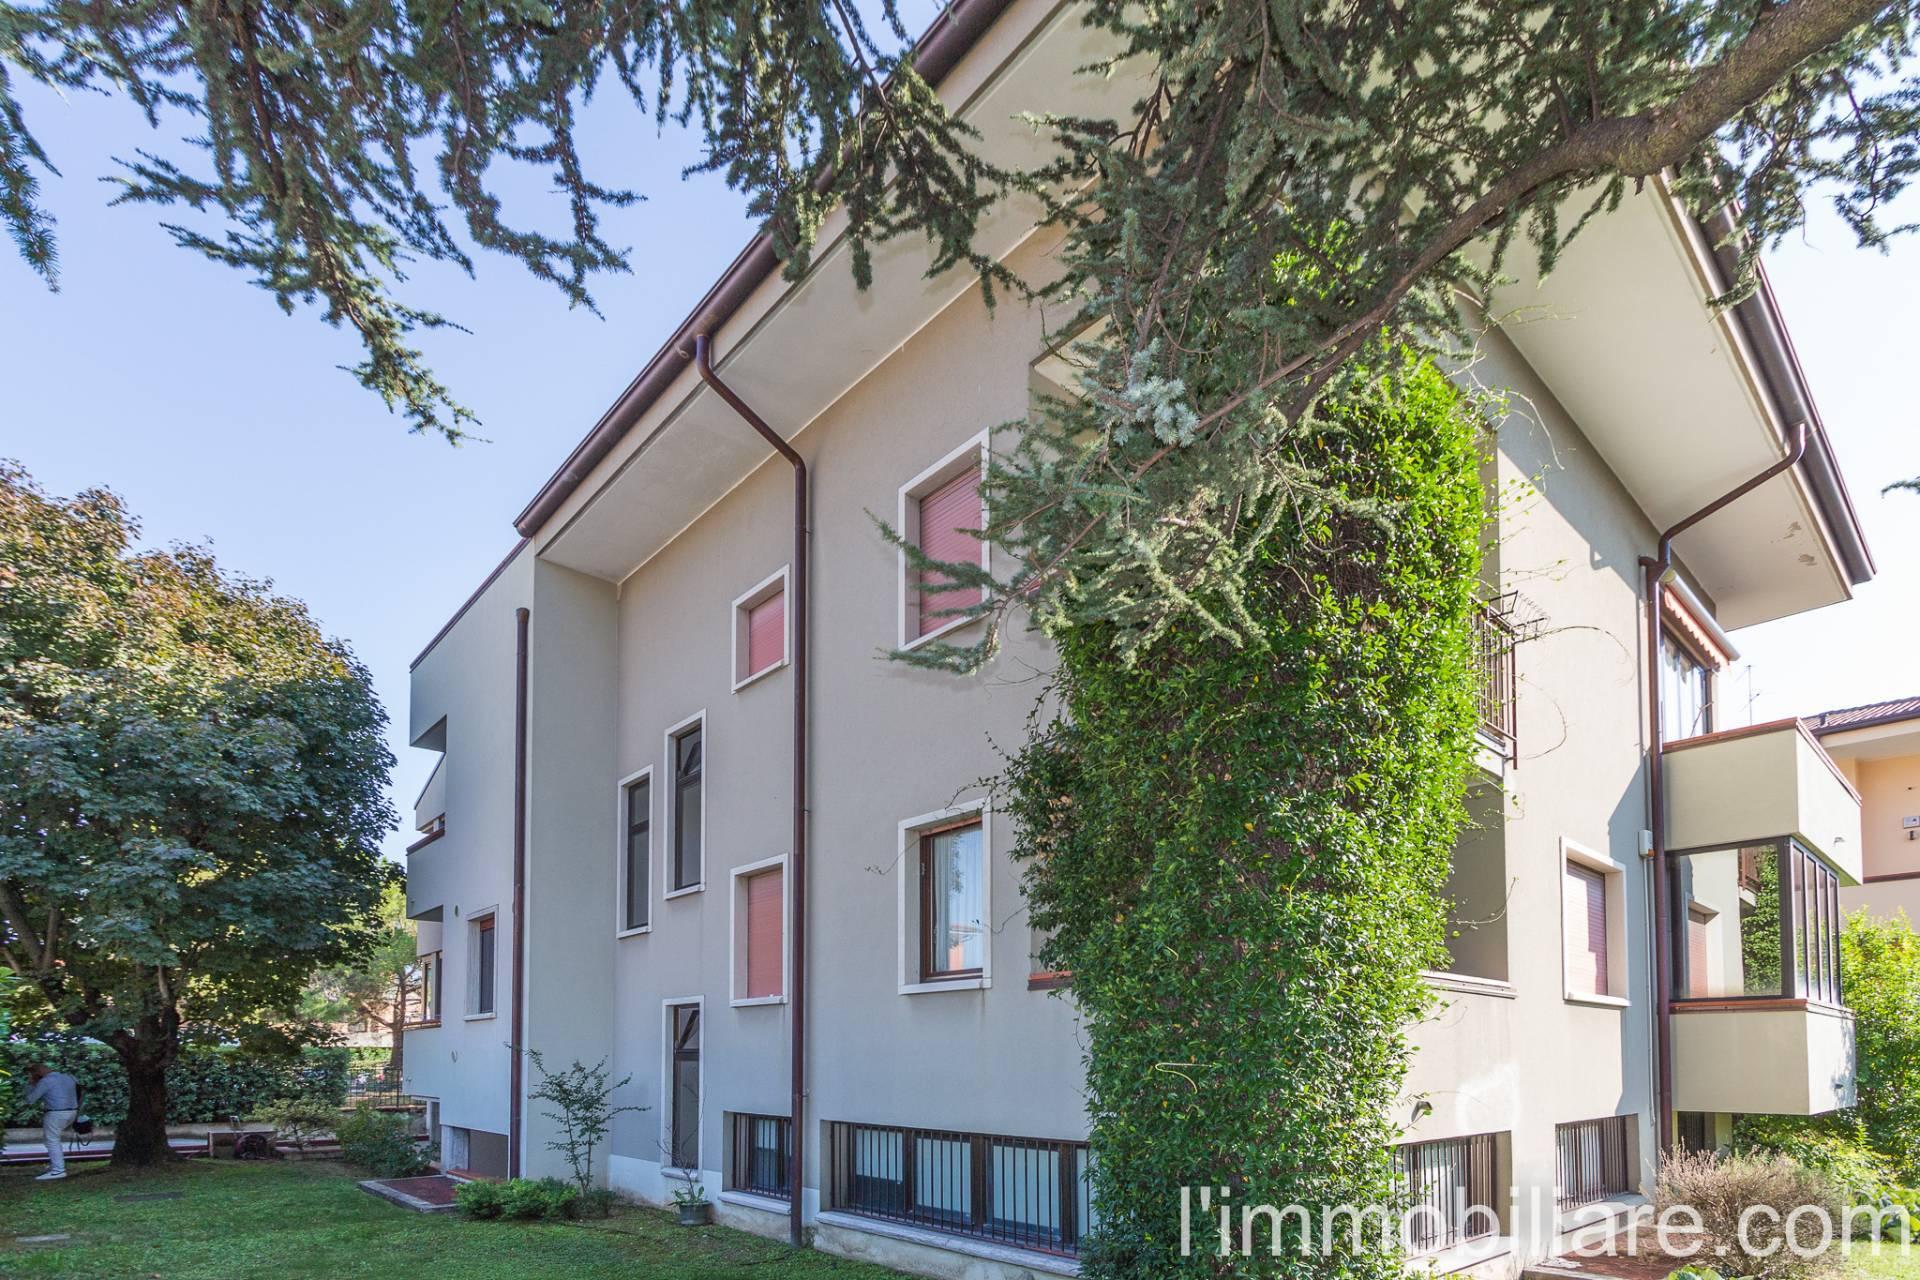 Appartamento in vendita a Verona, 6 locali, zona Località: PonteCrencano, prezzo € 370.000 | PortaleAgenzieImmobiliari.it